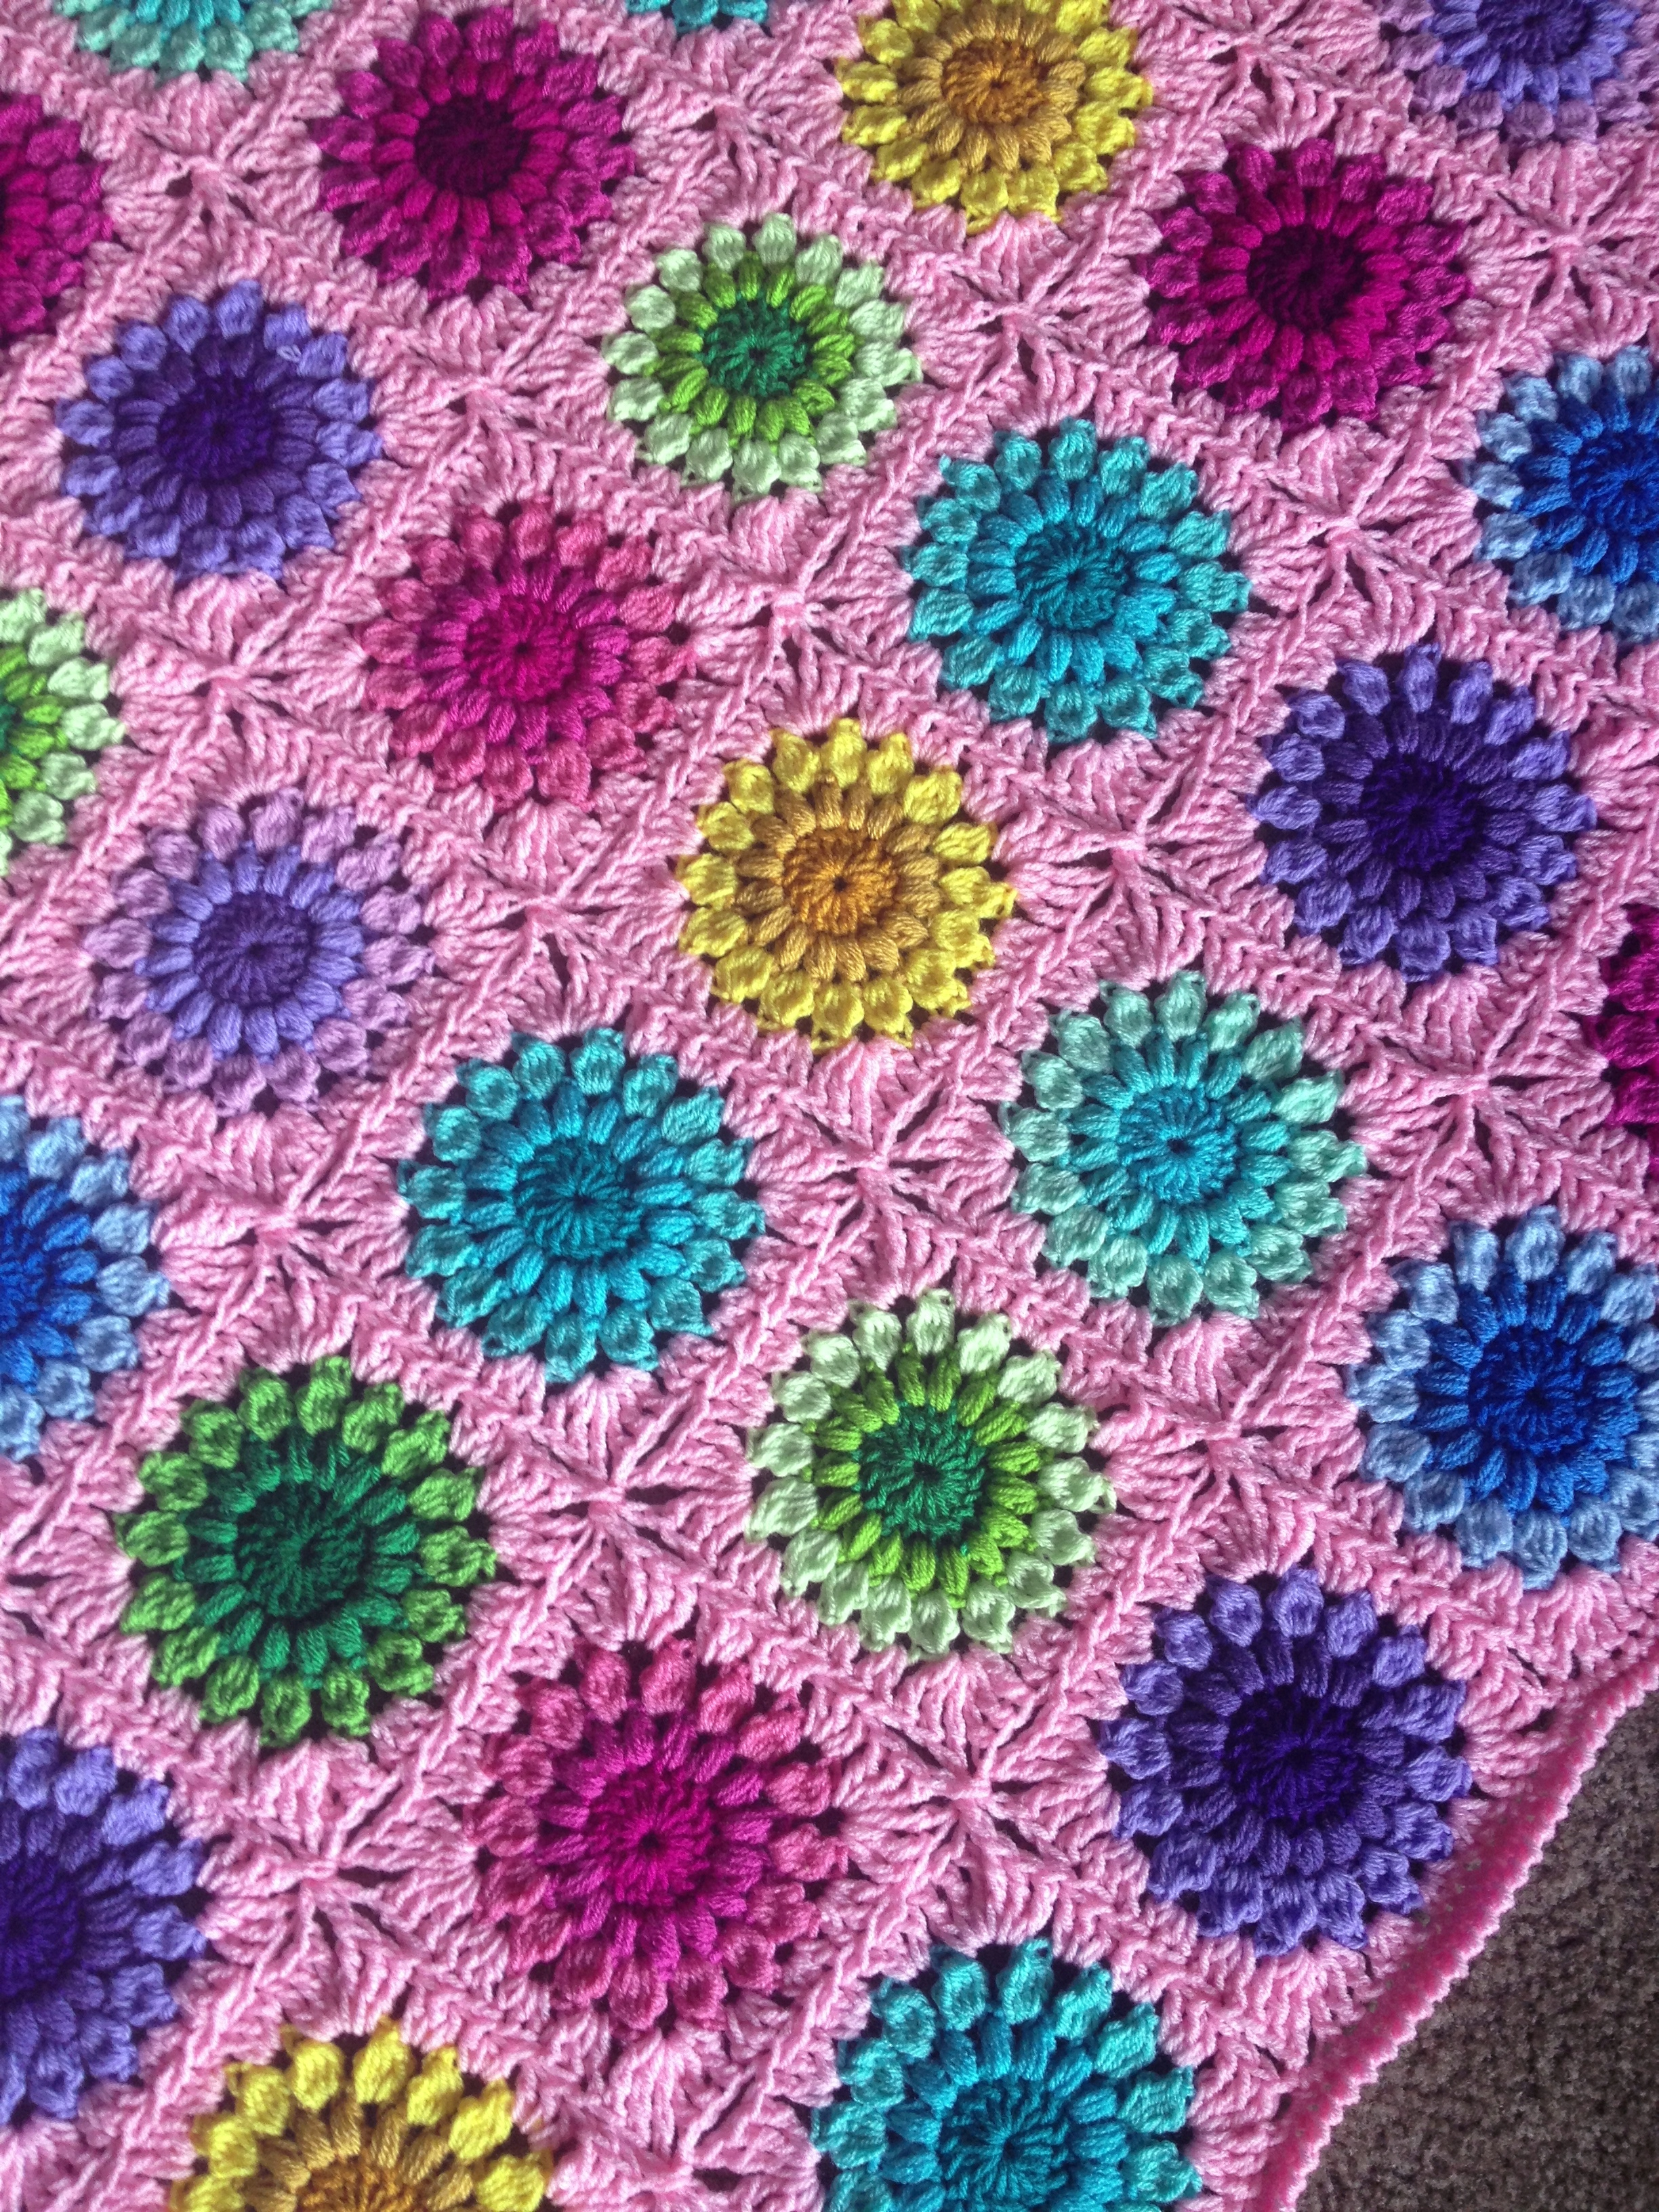 Crochet Flower On Blanket